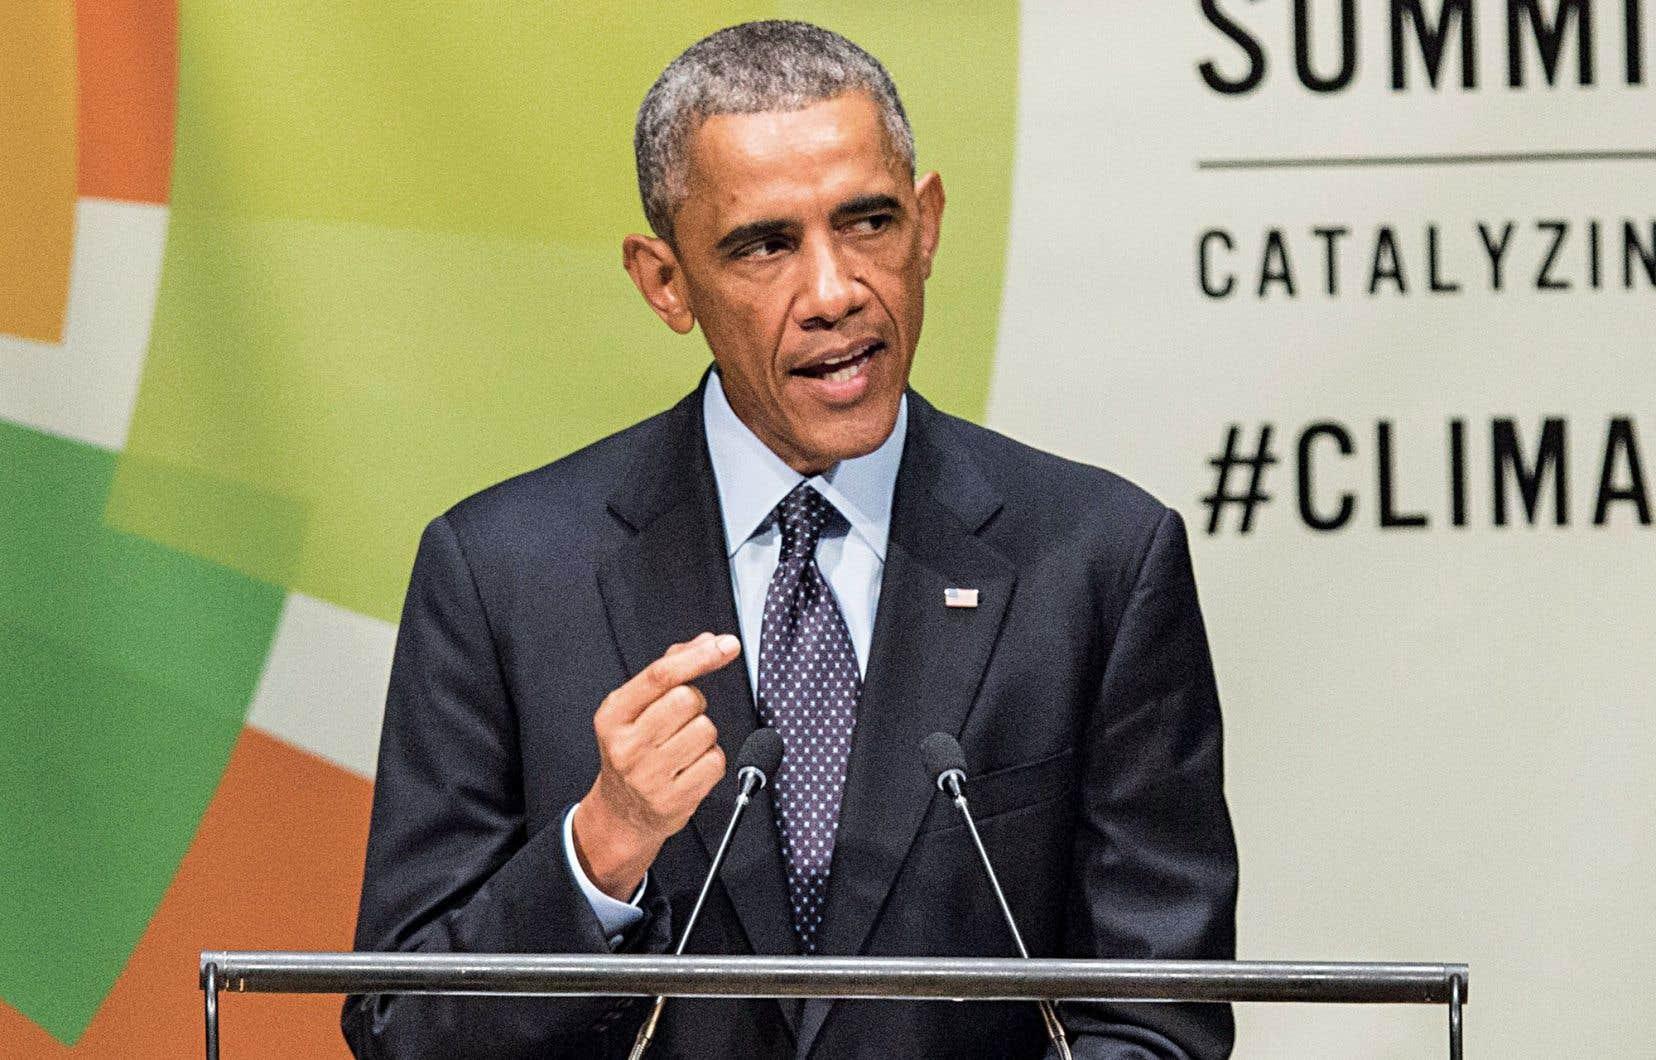 Le président américain, Barack Obama, s'est adressé mardi aux chefs d'État et de gouvernement participant au sommet de l'ONU sur le climat, à New York.